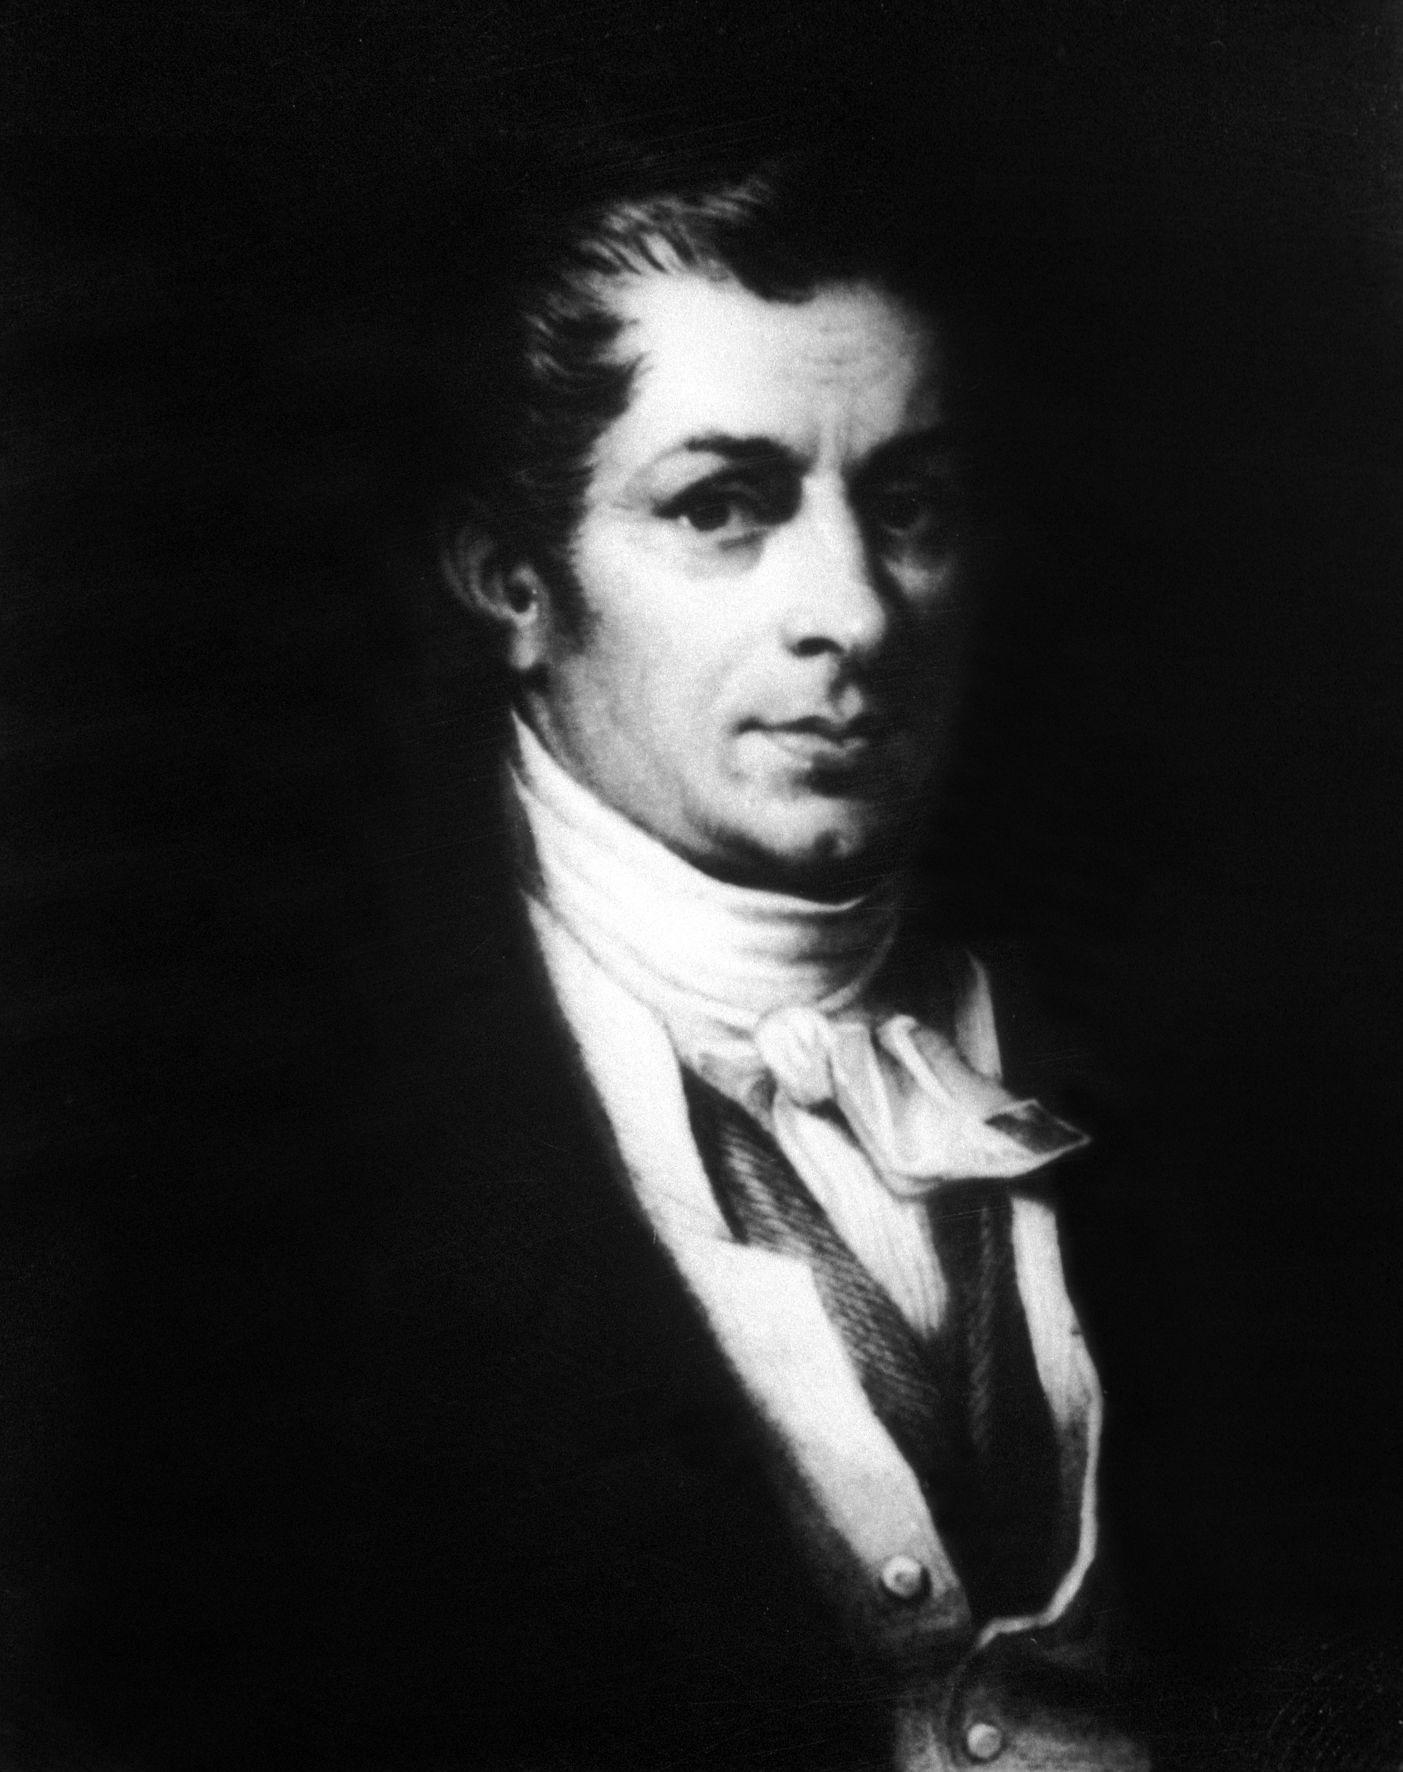 Say Jean-Baptiste (1767-1832), professeur d'économie industrielle. (1819-1832)